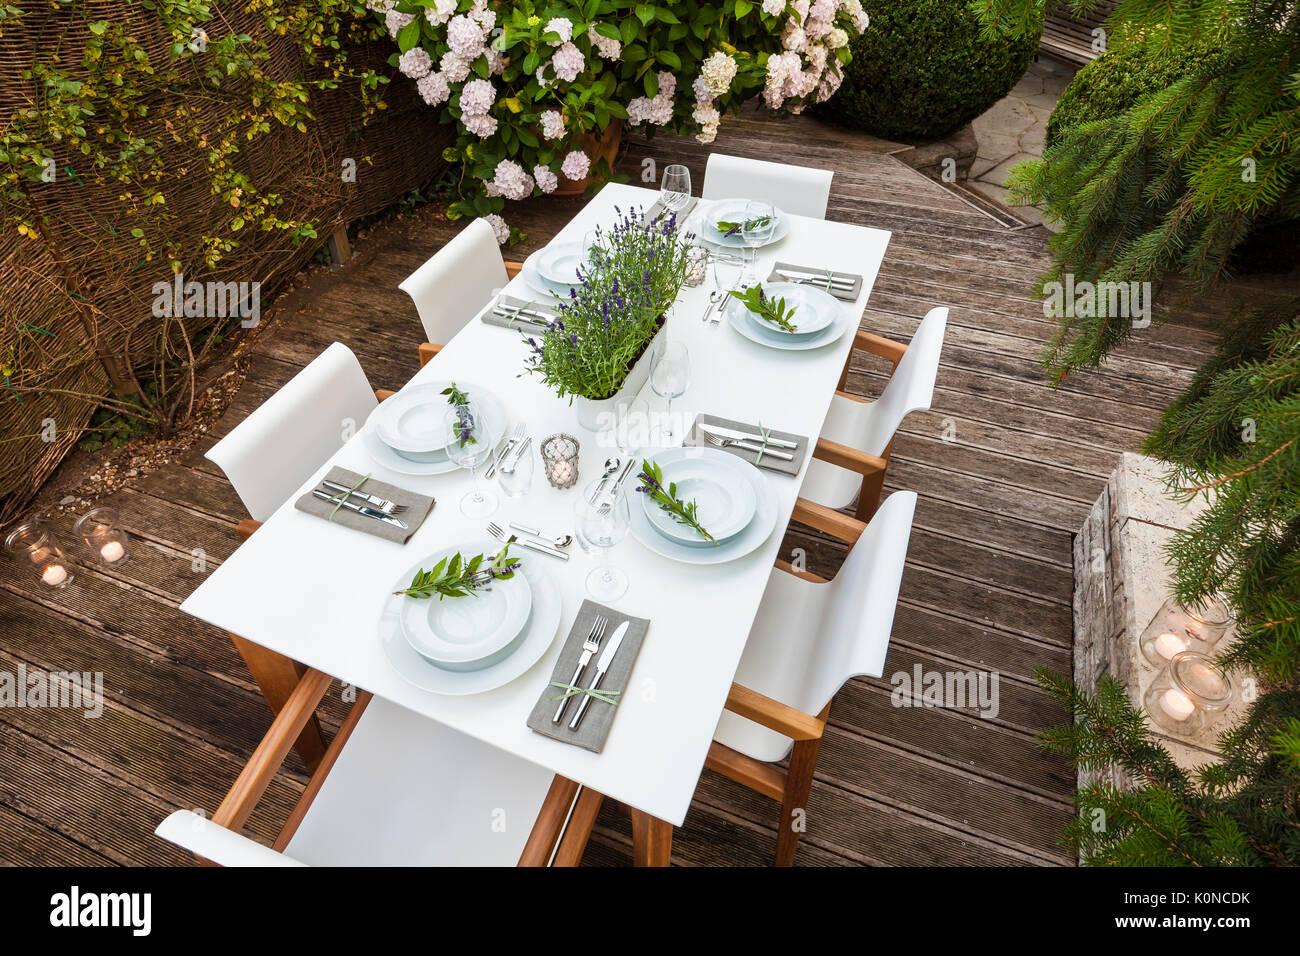 Gartenmöbel Deutschland - Design